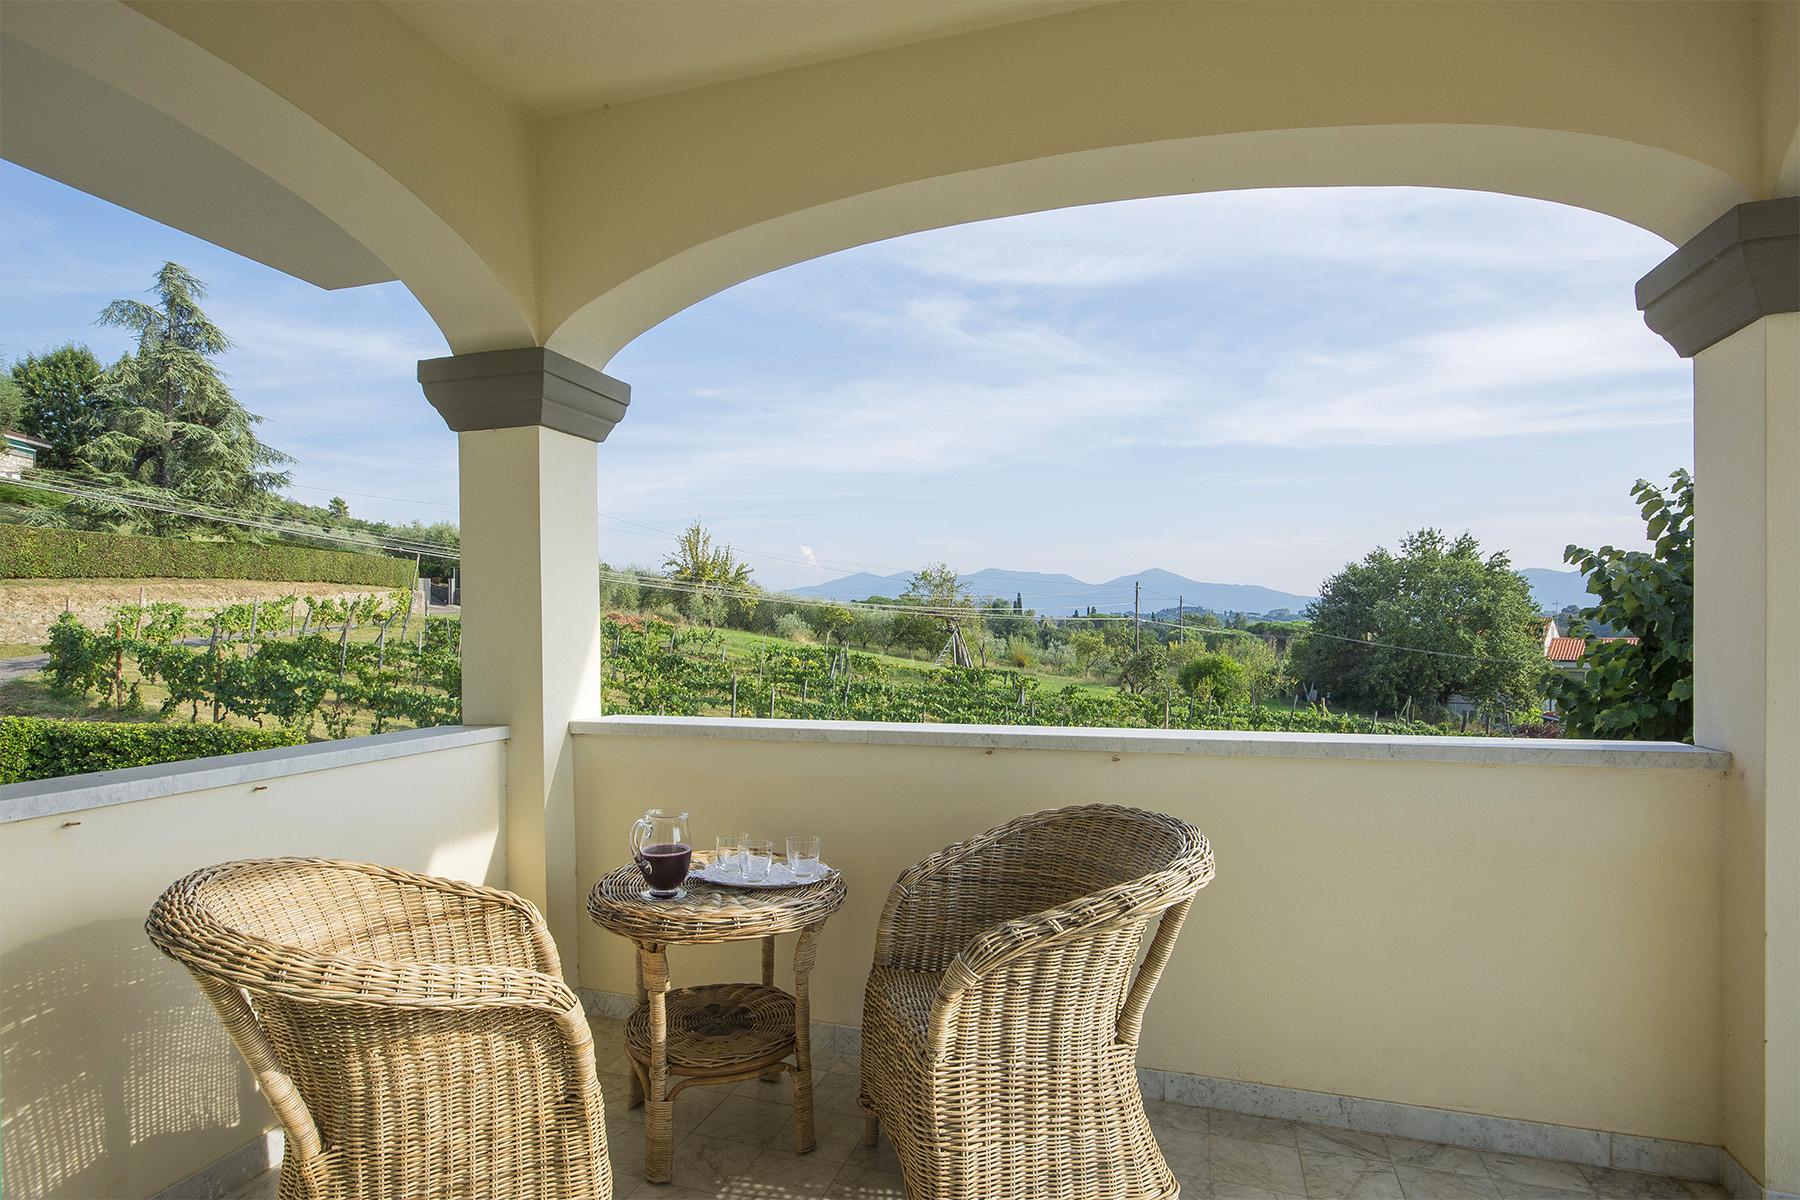 Casa indipendente in Vendita a Lucca: 5 locali, 300 mq - Foto 11